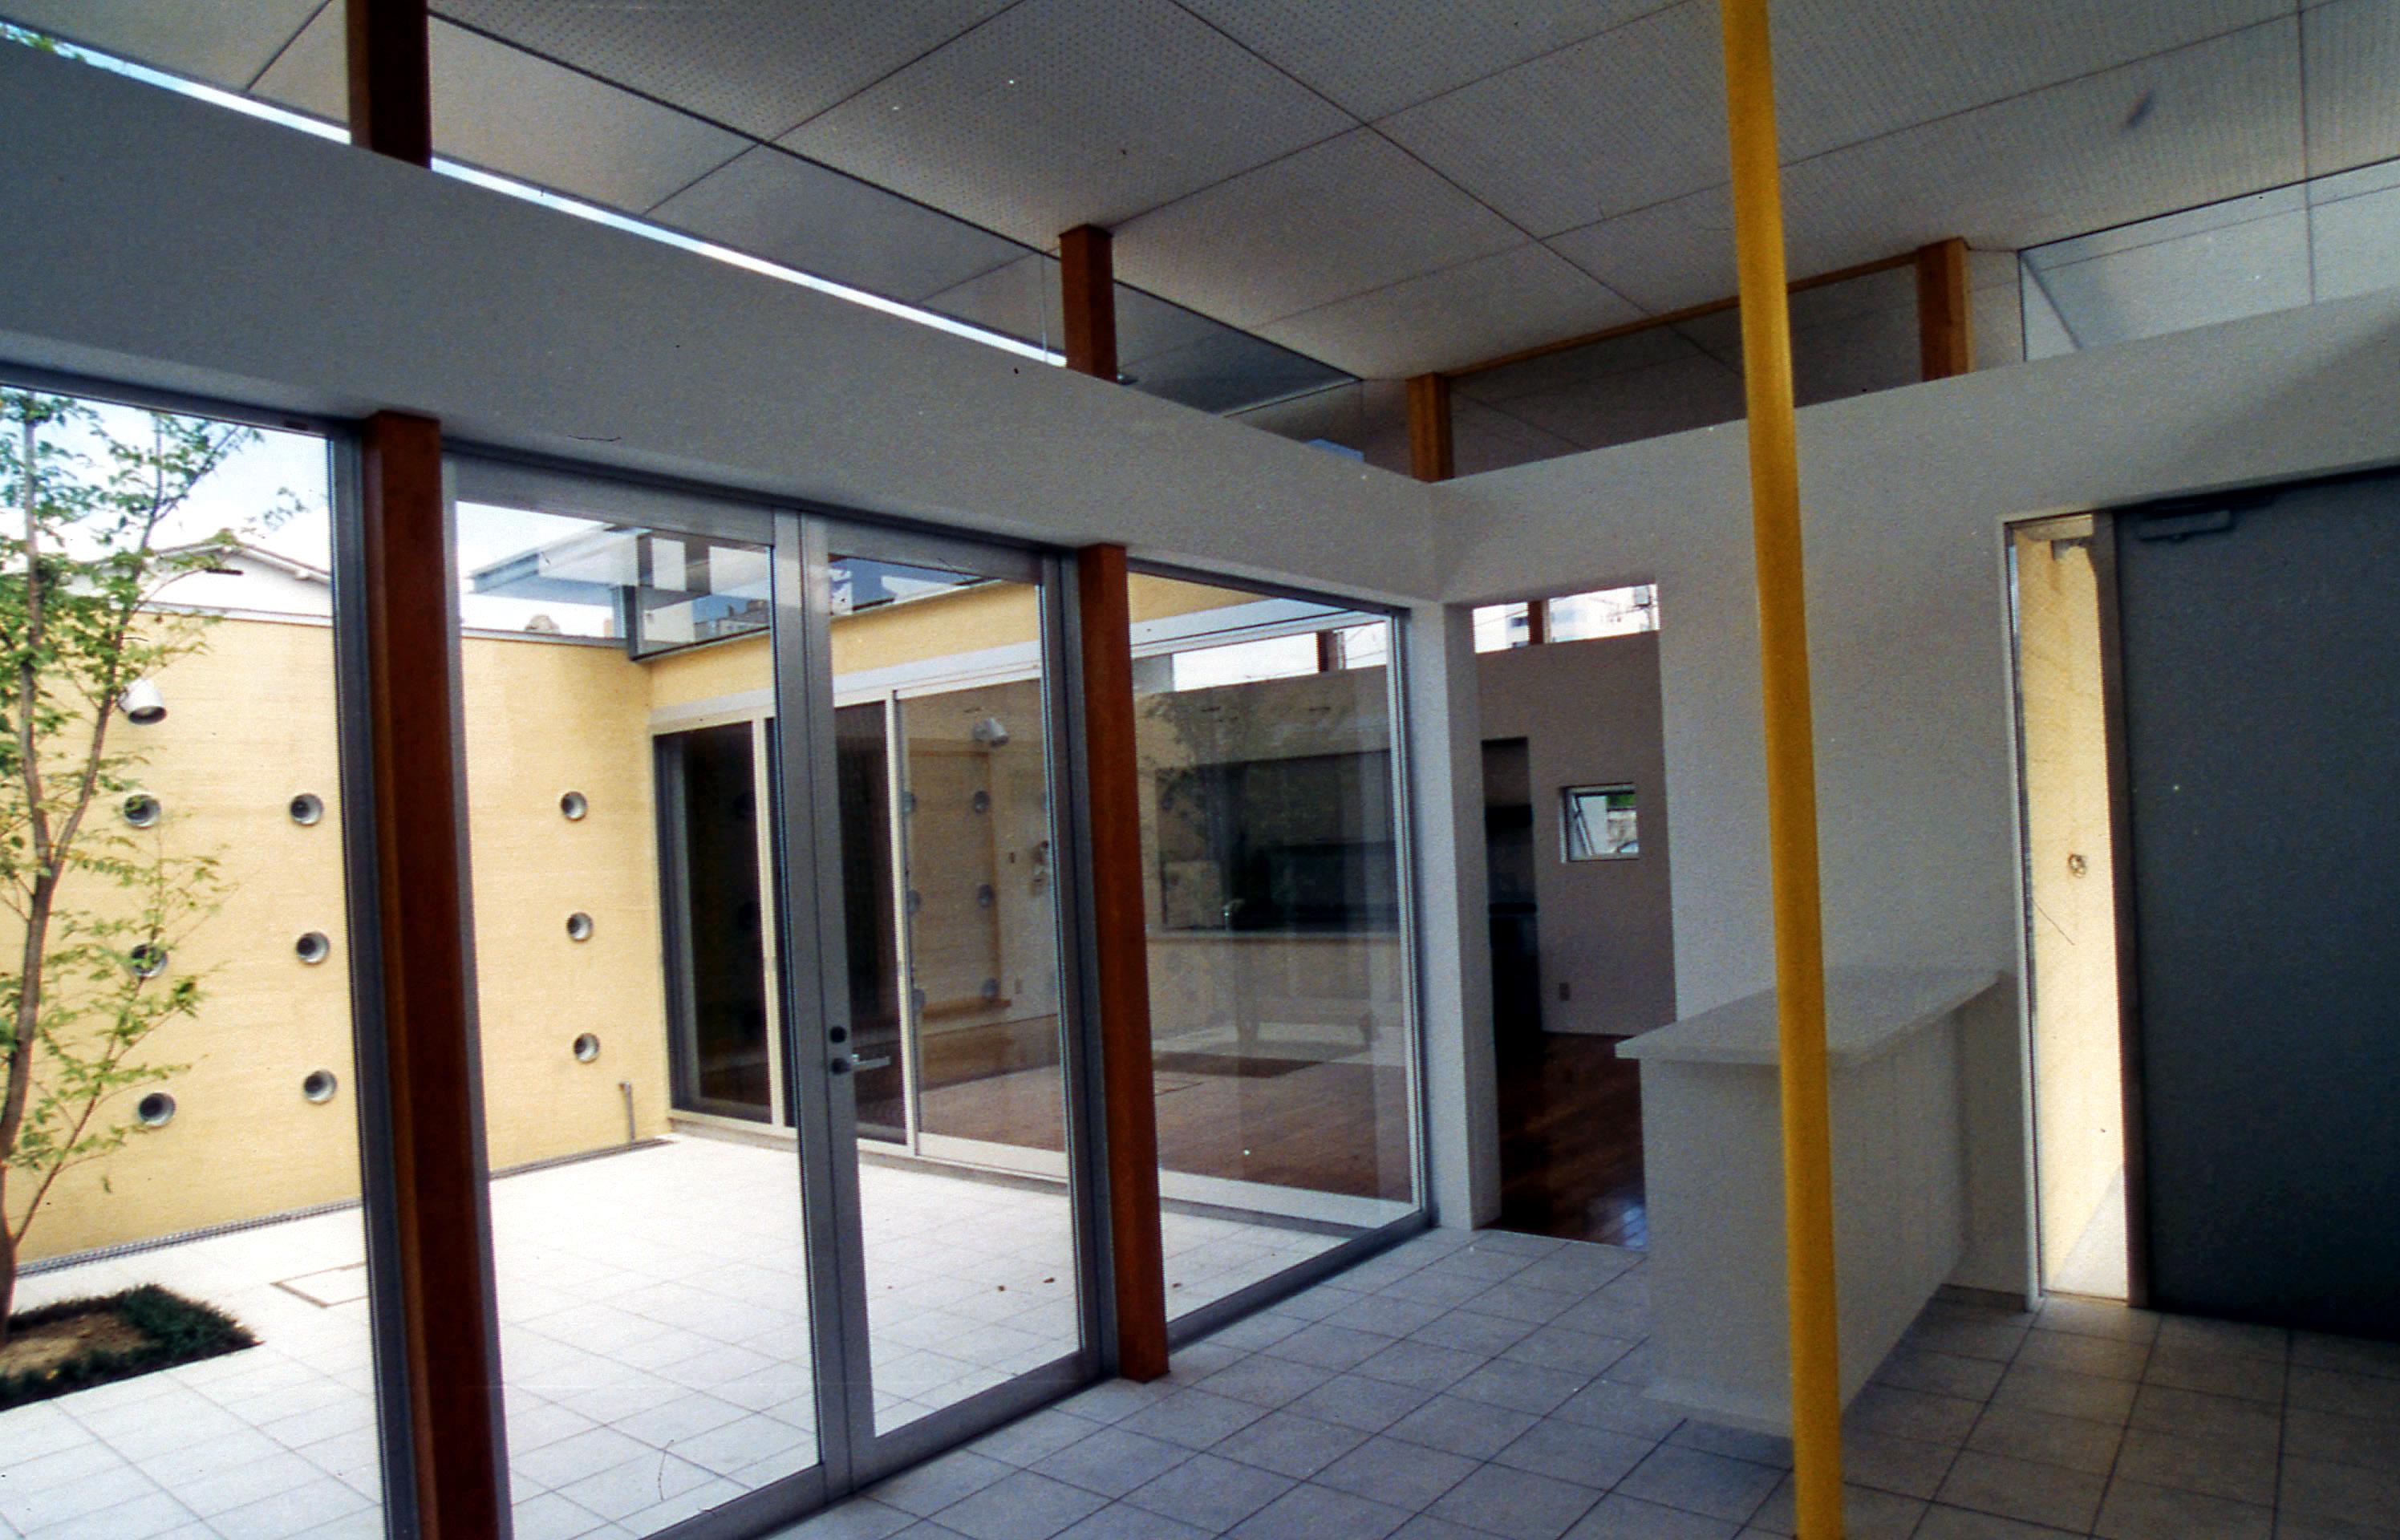 一体的な空間の玄関ホールと中庭